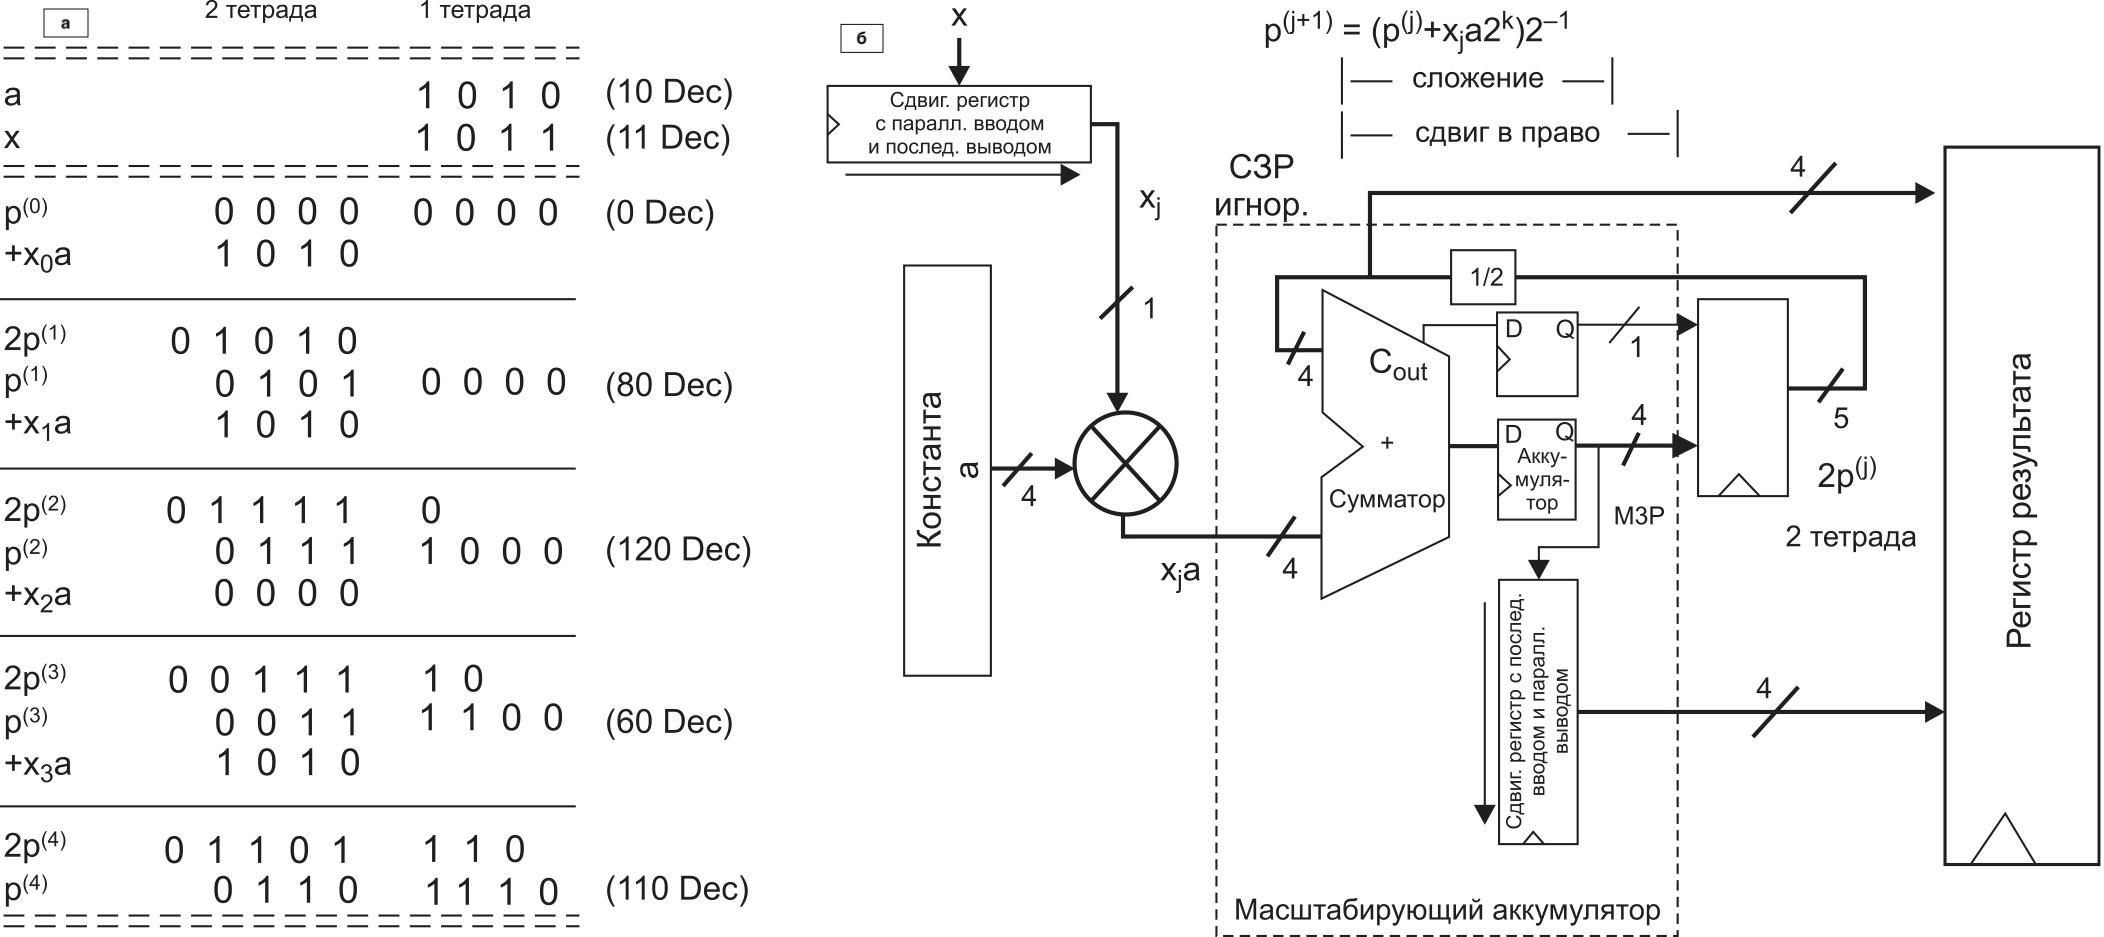 Идея схемы умножения методом правого сдвига с накоплением: а) алгоритм умножения десятичного числа 11 на 10; б) структурная схема метода